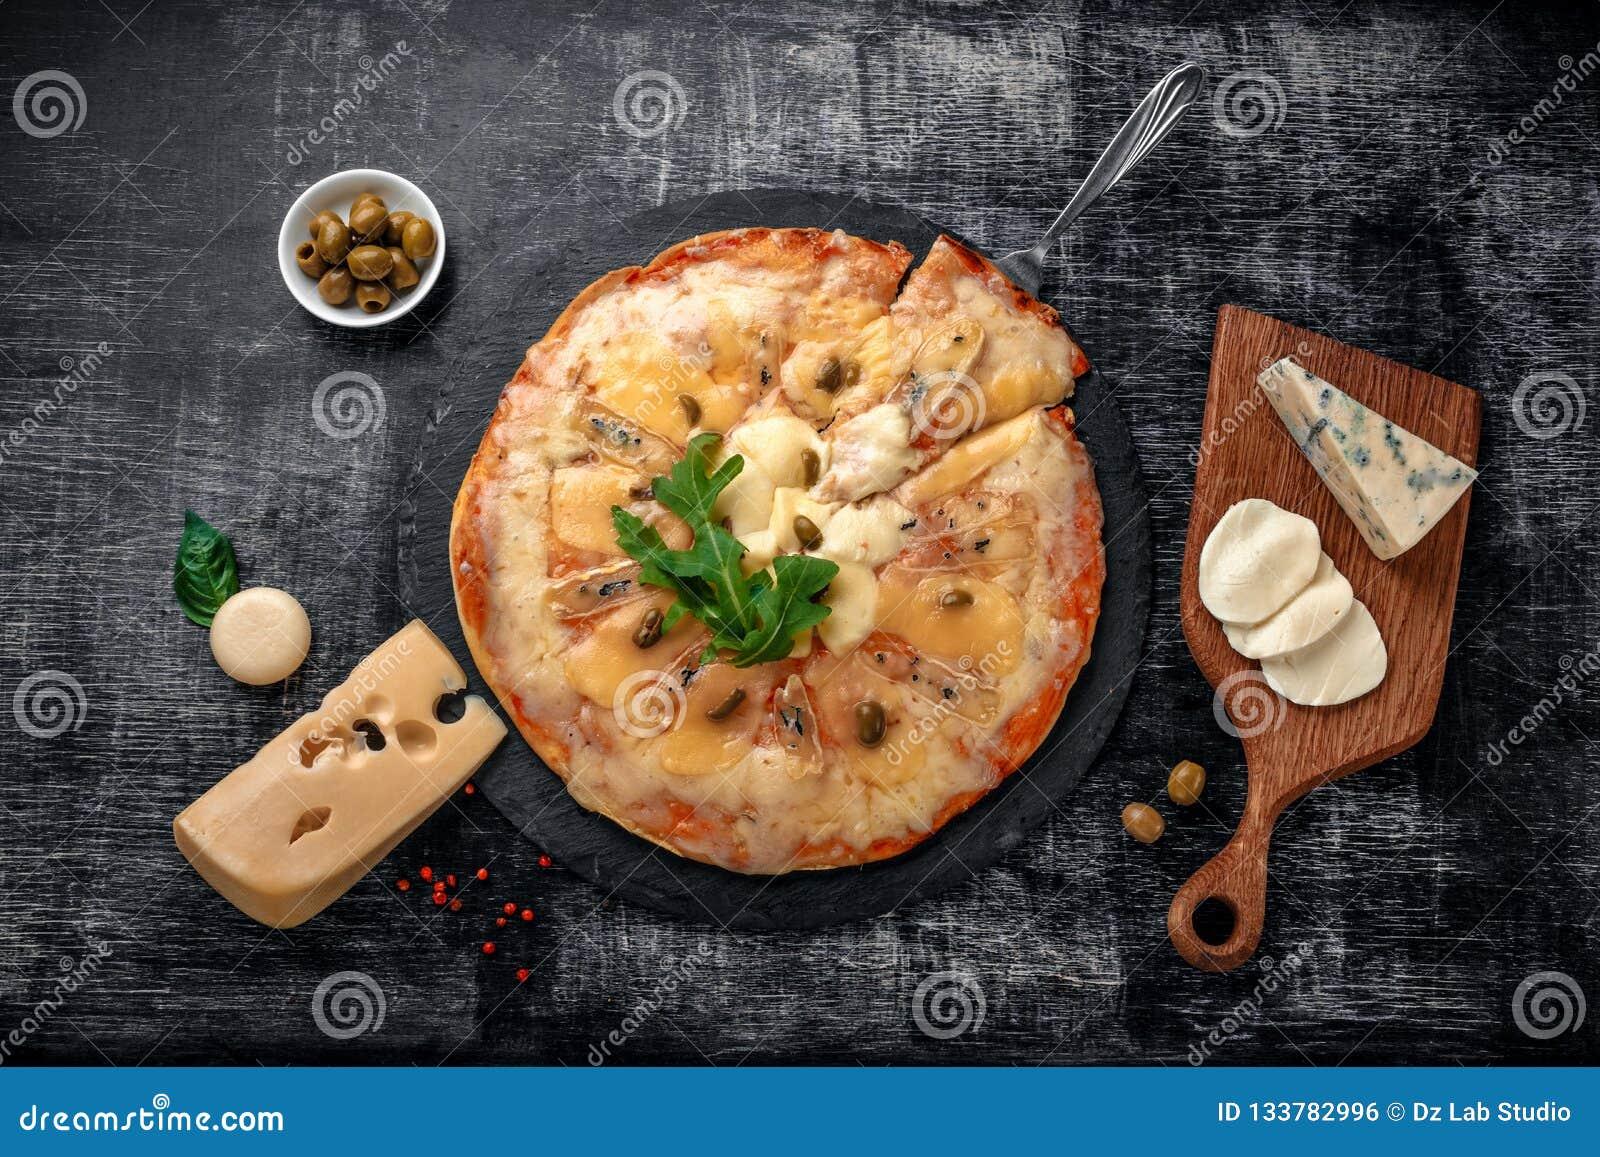 Italiaanse pizza met verschillende soorten kaas op een steen en een zwart gekrast schoolbord Italiaans traditioneel voedsel